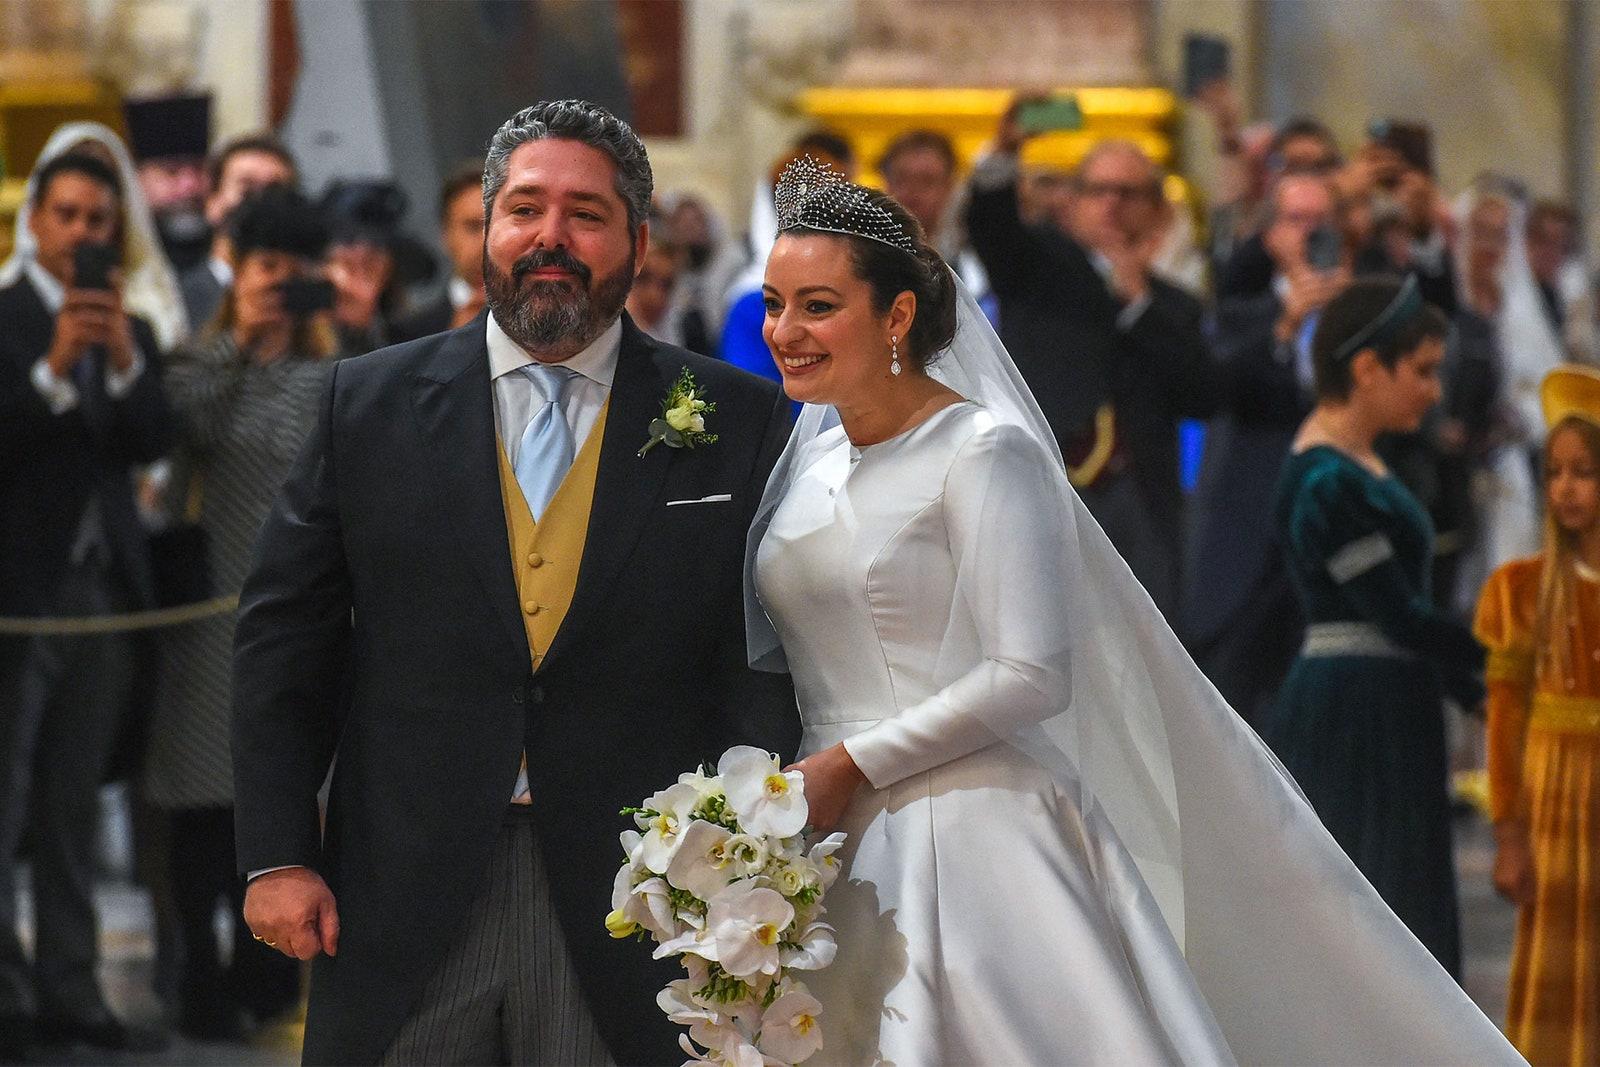 Đám cưới của Đại công tước George Mikhailovich Romanov, 40 tuổi, và hôn thê người Italy Victoria Romanovna Bettarini, 39 tuổi, hôm 1/10 tại nhà thờ St. Isaac ở St. Petersburg. Ảnh: AFP